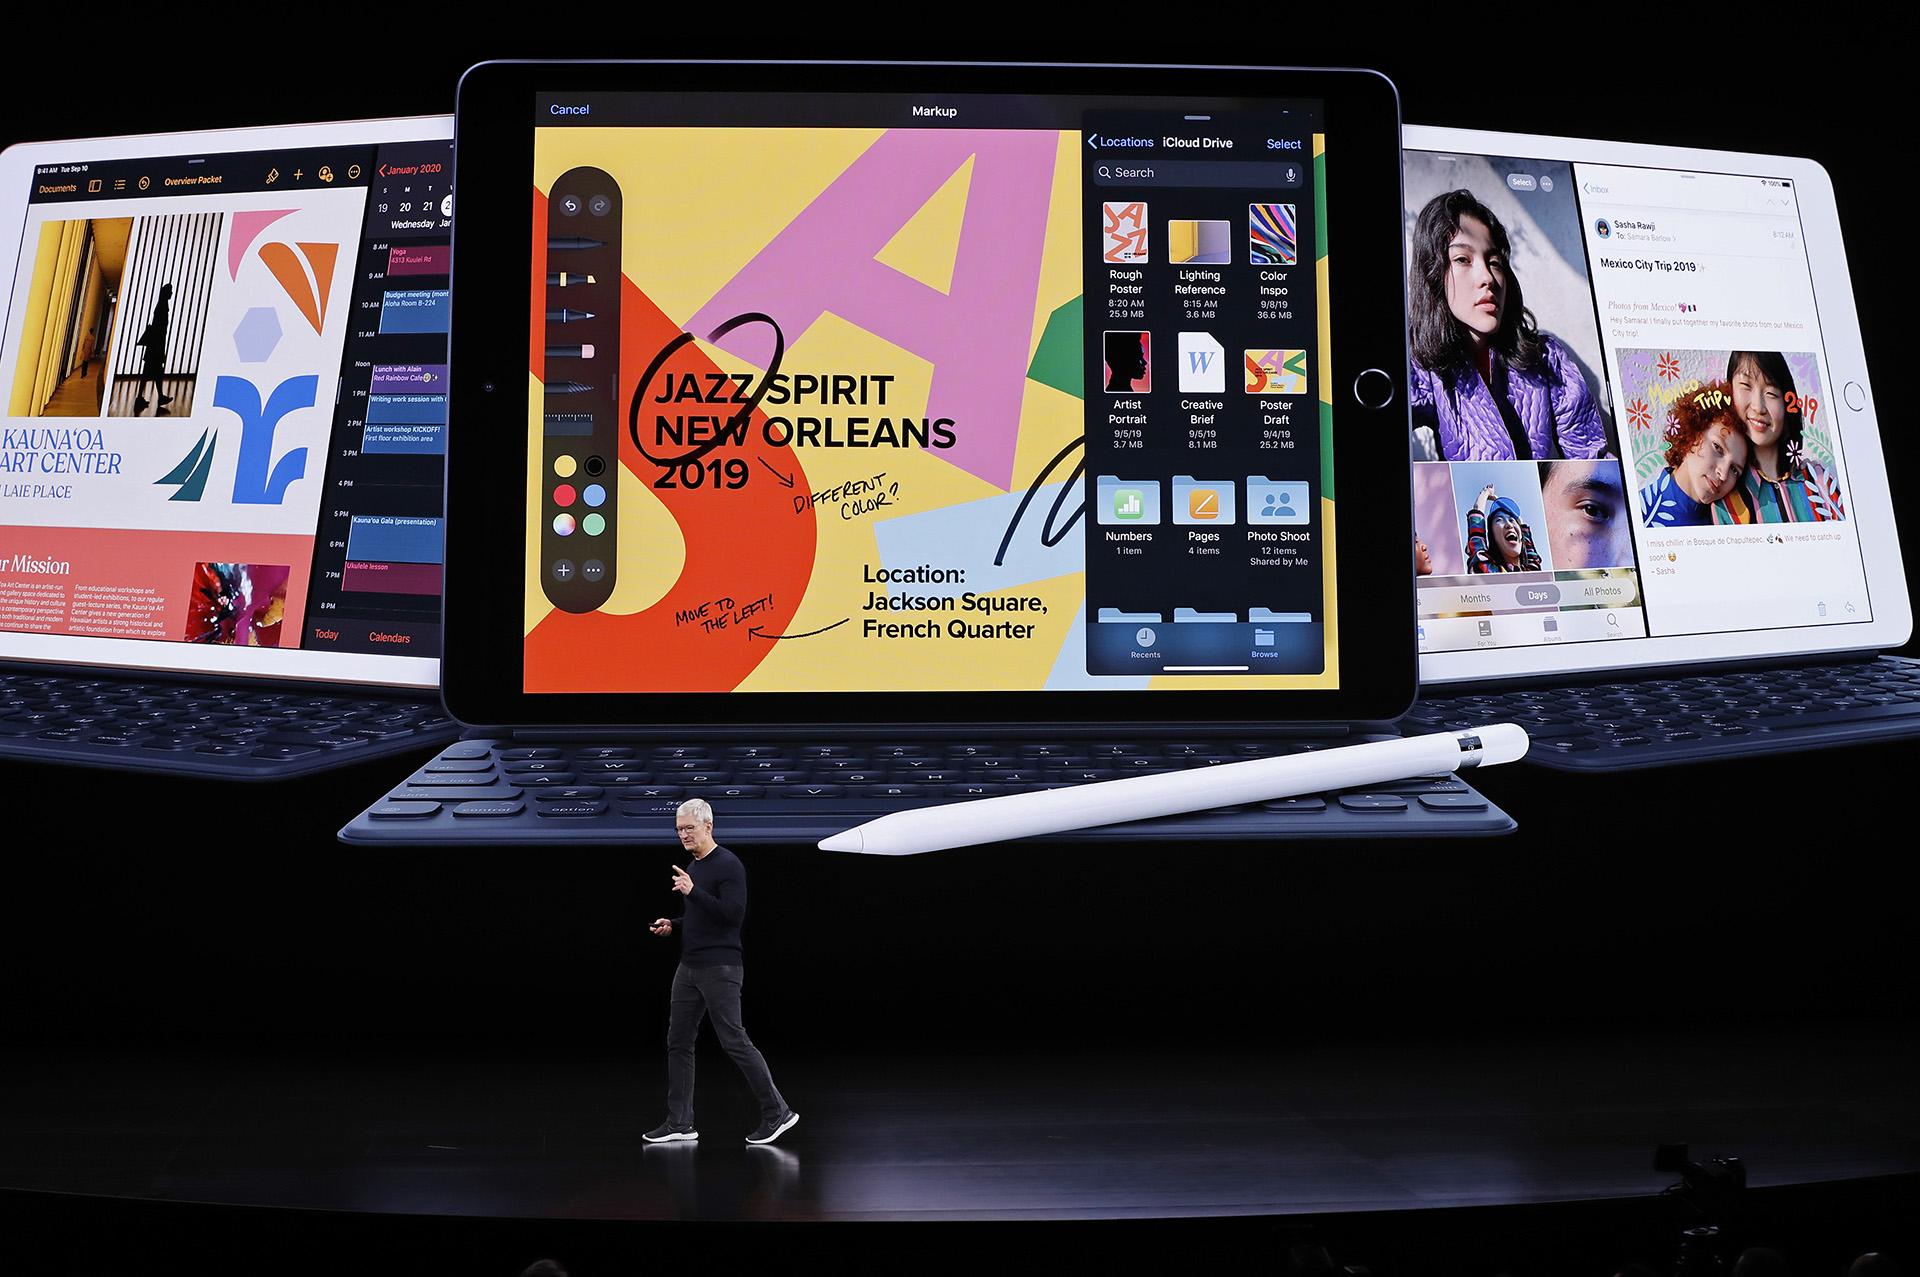 El nuevo iPad se puede encargar a partir de este martes y se comenzará a entregar el 30 de septiembre (REUTERS/Stephen Lam)